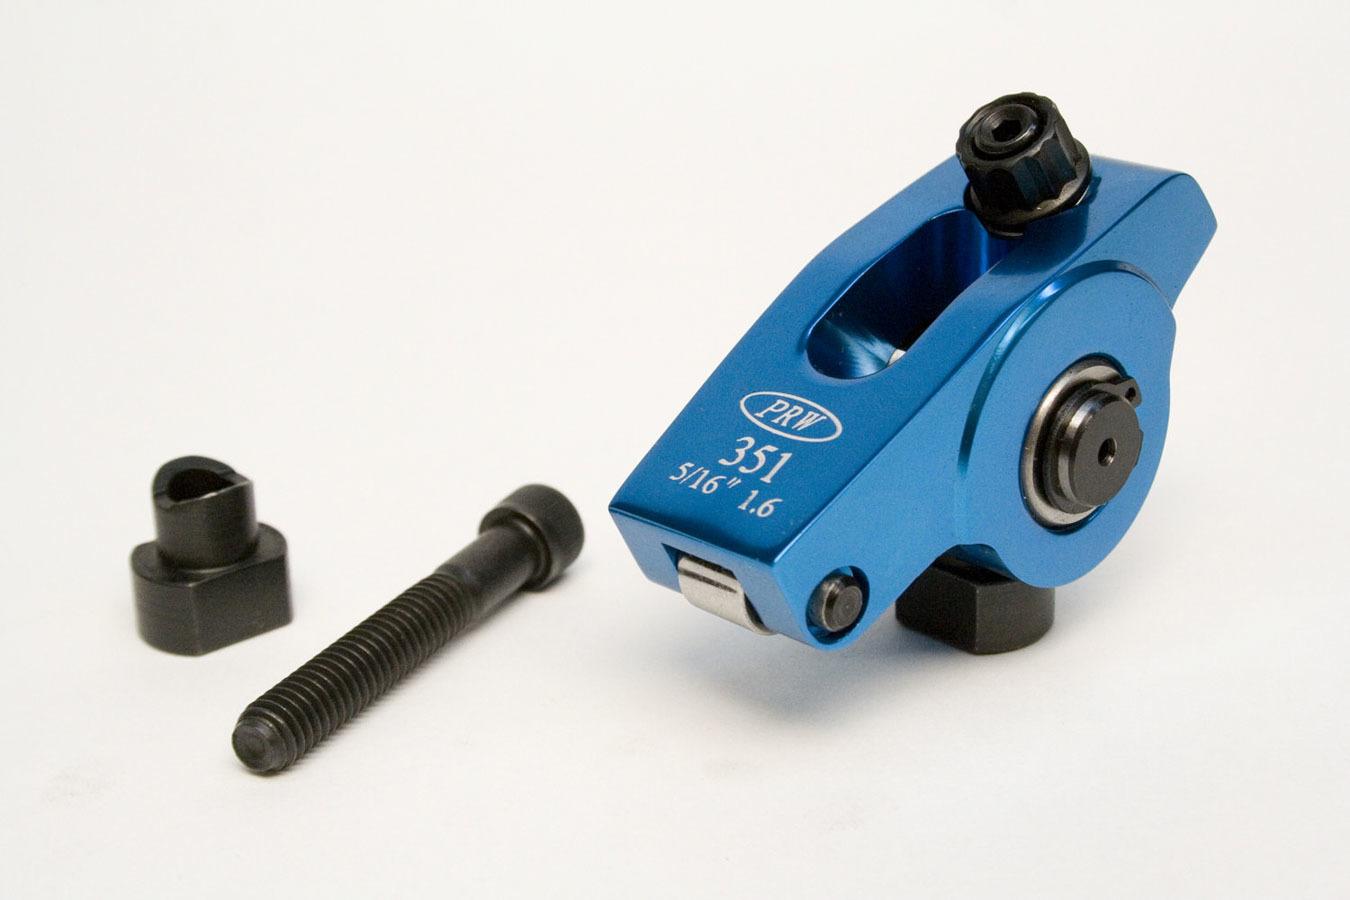 SBF Roller Rocker Arms - 1.6 Ratio